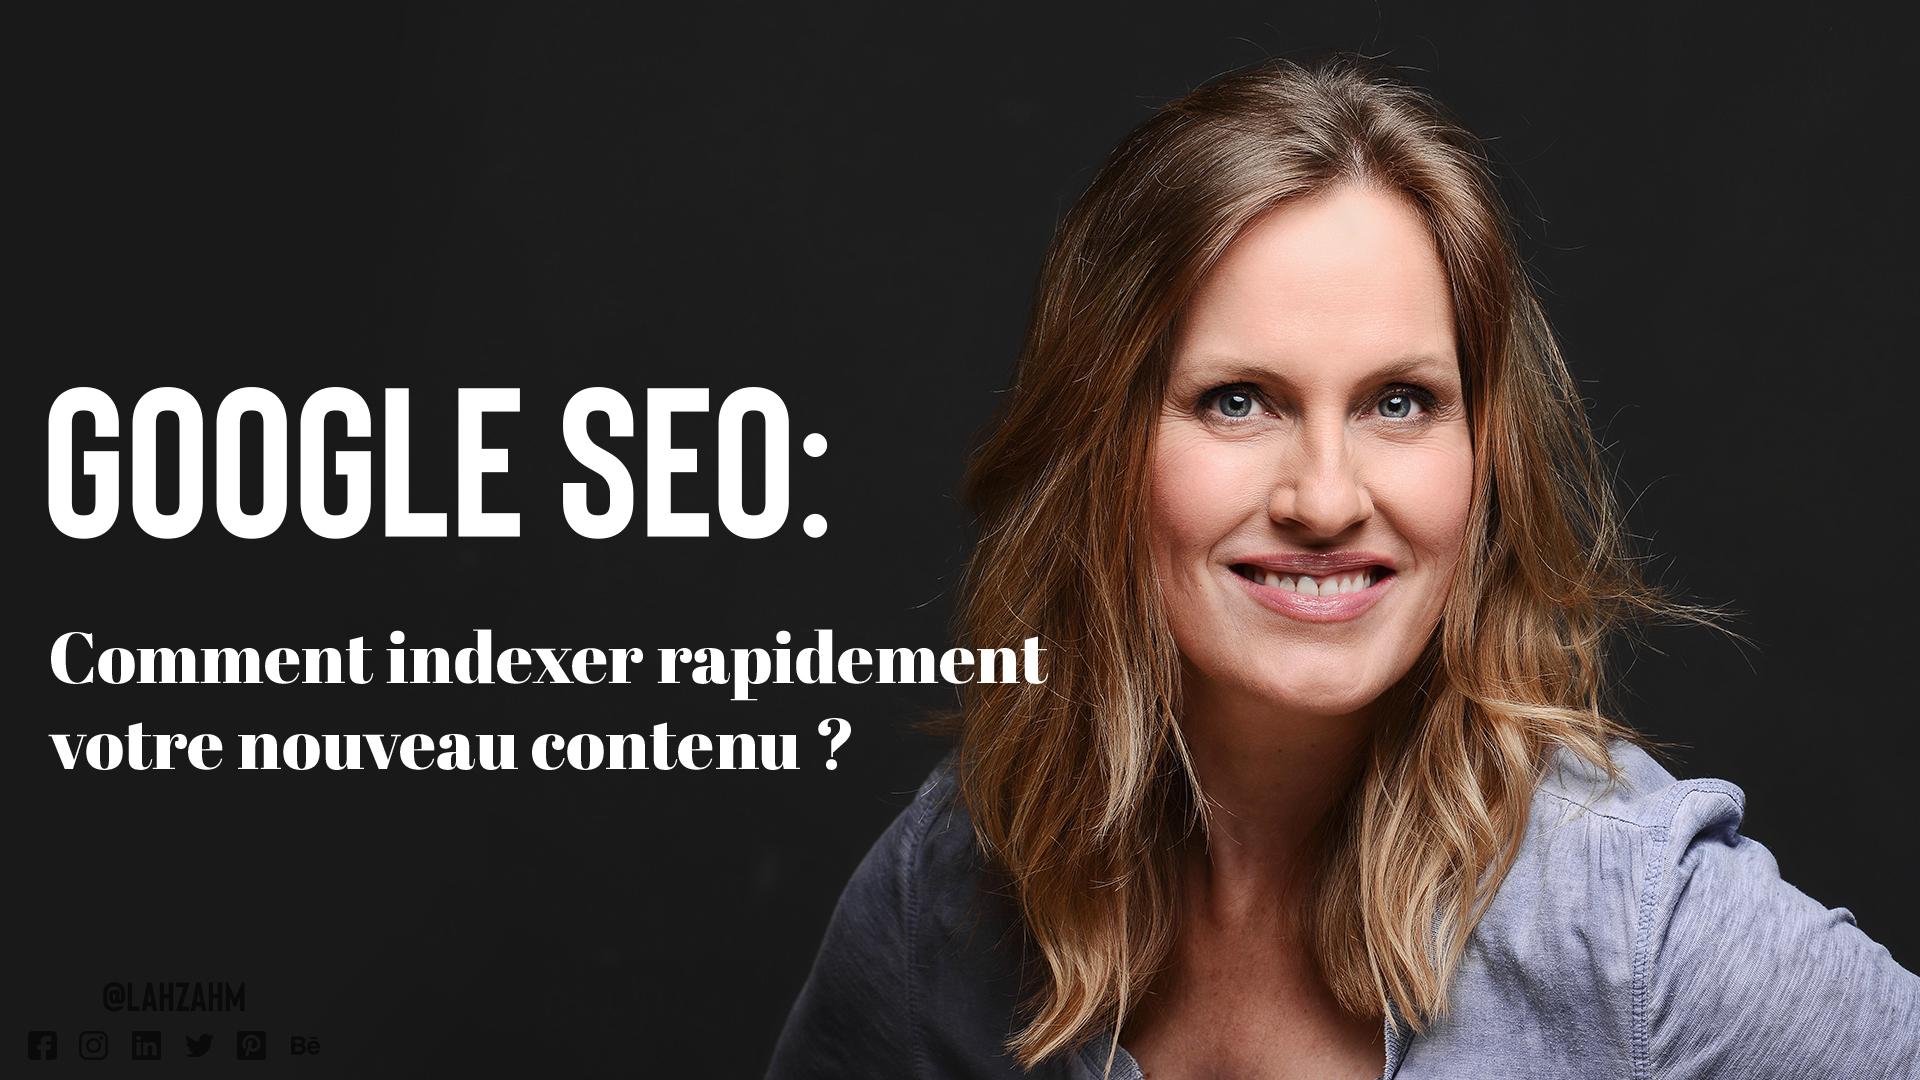 Google SEO : Comment indexer rapidement votre nouveau contenu?